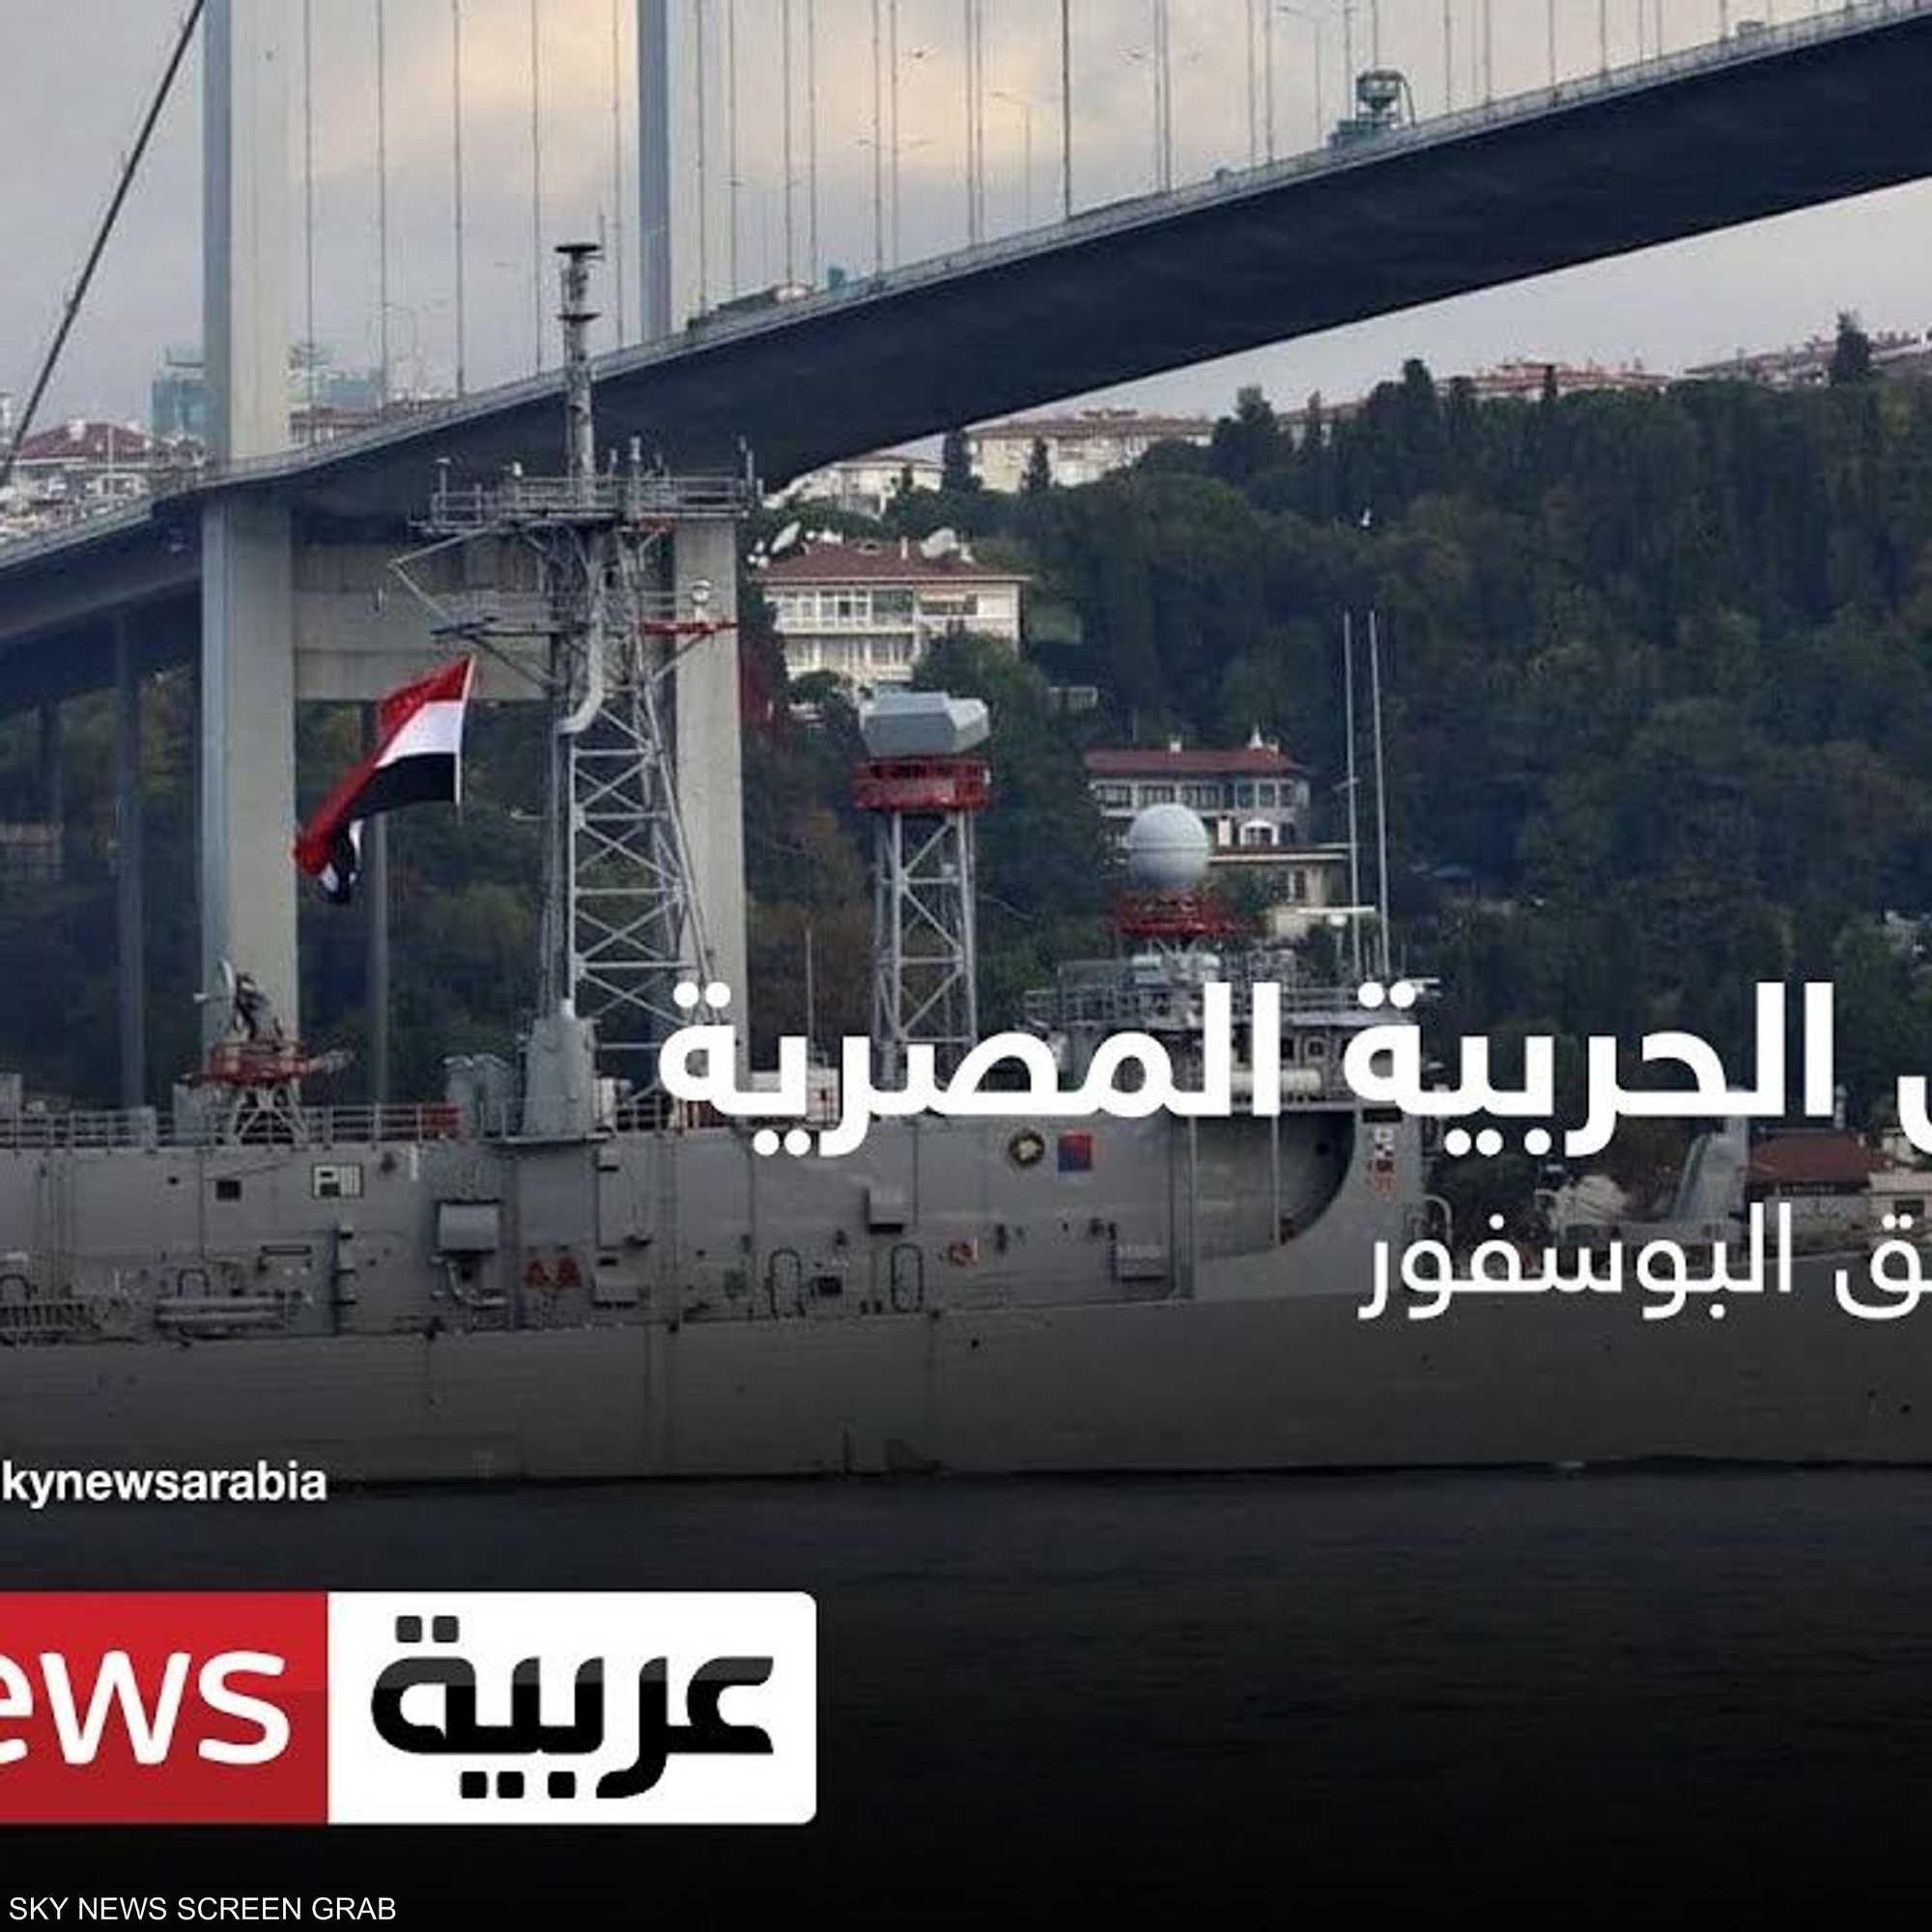 السفن الحربية المصرية تعبر مضيق البوسفور